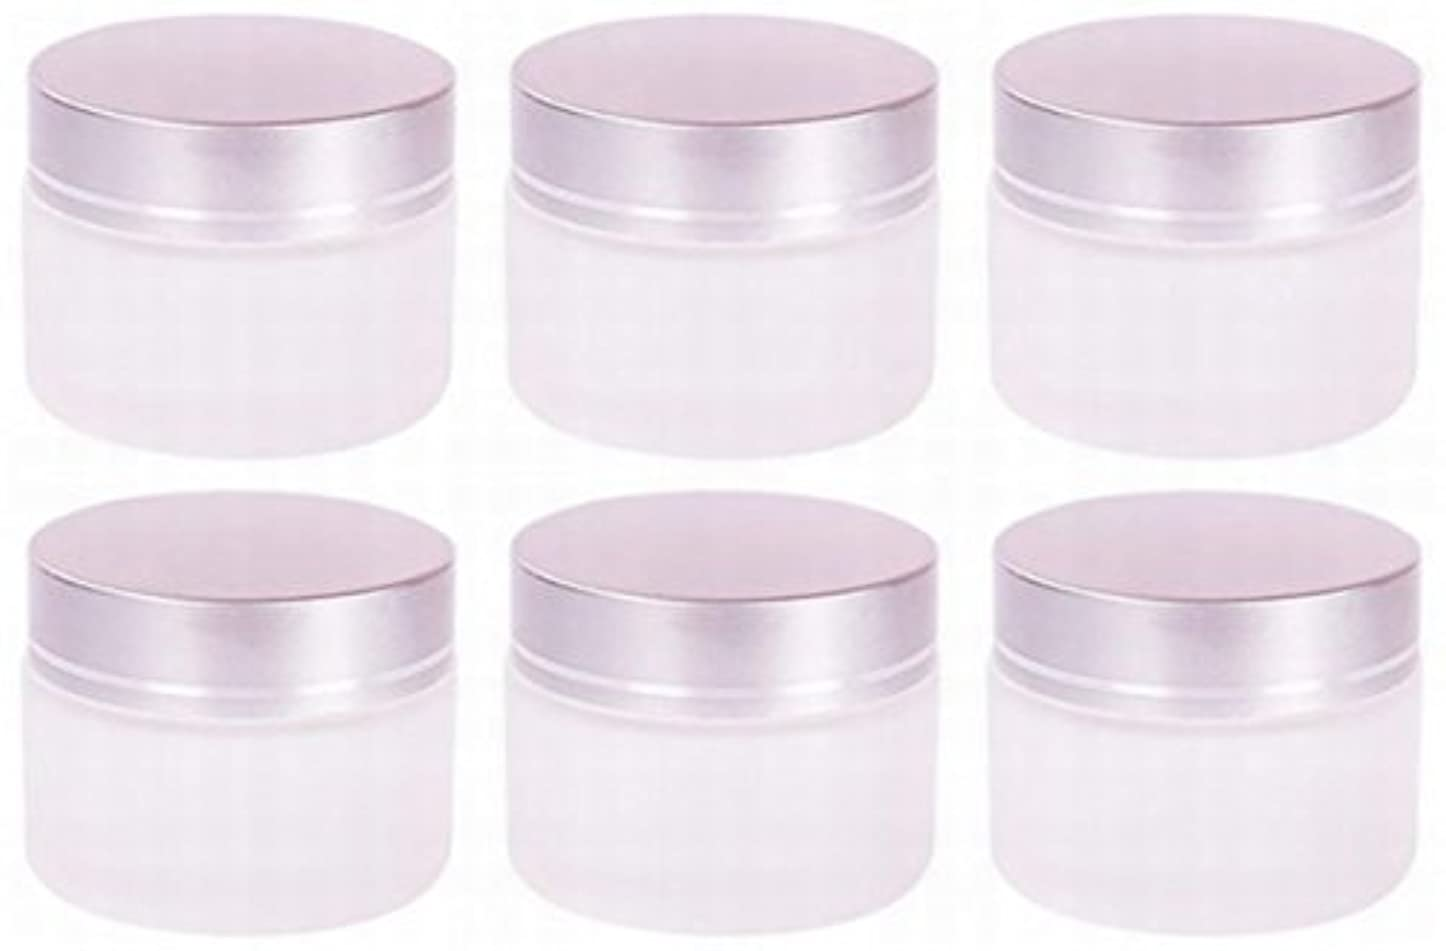 面白い証人少なくとも【Rurumi】ハンドクリーム 容器 すりガラス 乳白色 遮光 ジャー セット アロマ ハンド クリーム 遮光瓶 ガラス 瓶 アロマ ボトル 白 ビン 保存 詰替え (20g 6個 セット)